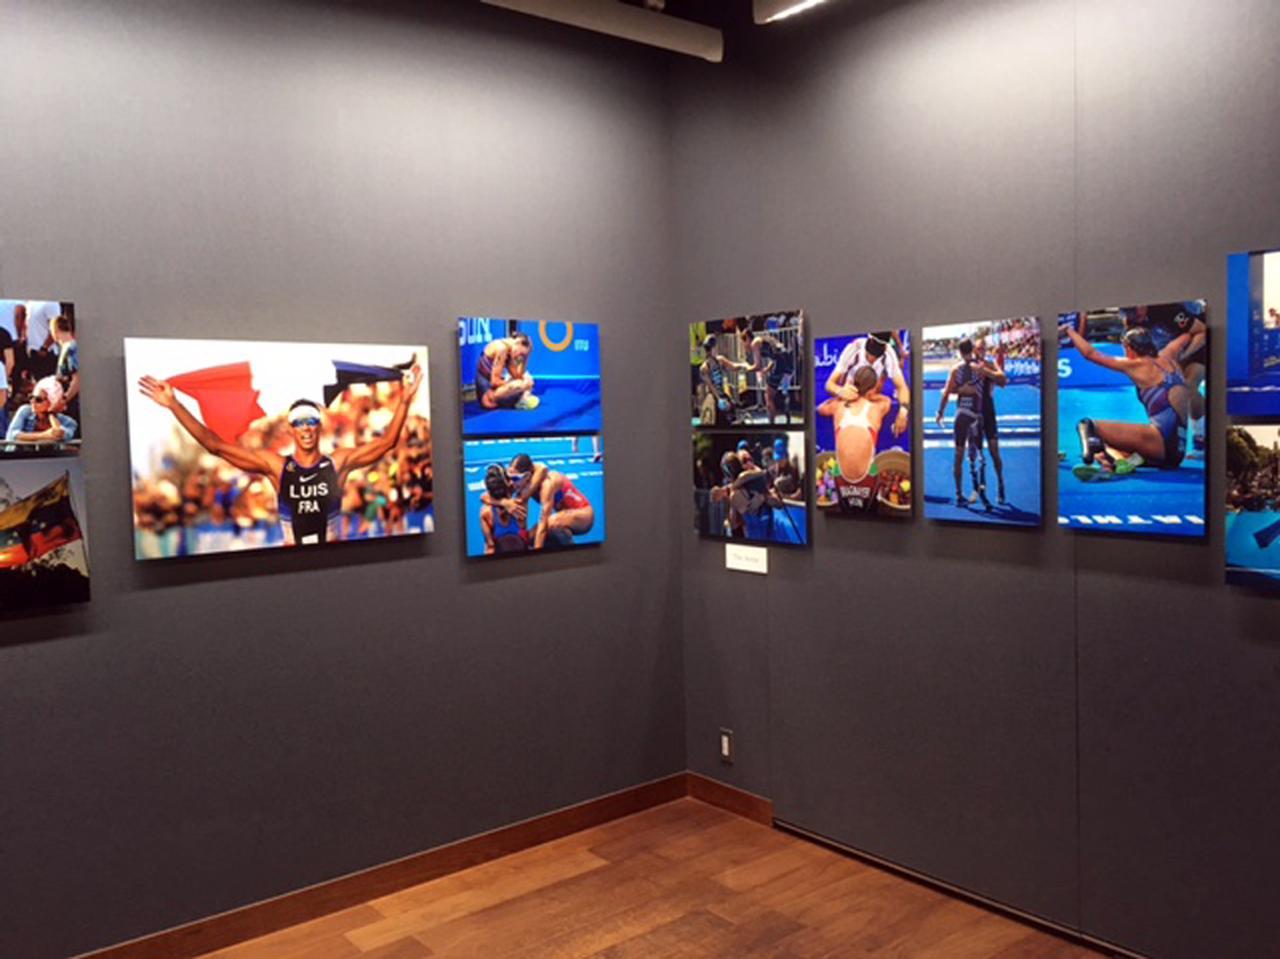 画像2: 泉 悟朗 トライアスロン報道写真展『PASSION/情熱』。3つのシリーズに分けて個展を開催したいと話す泉氏の、3年振り2度目の展示です。